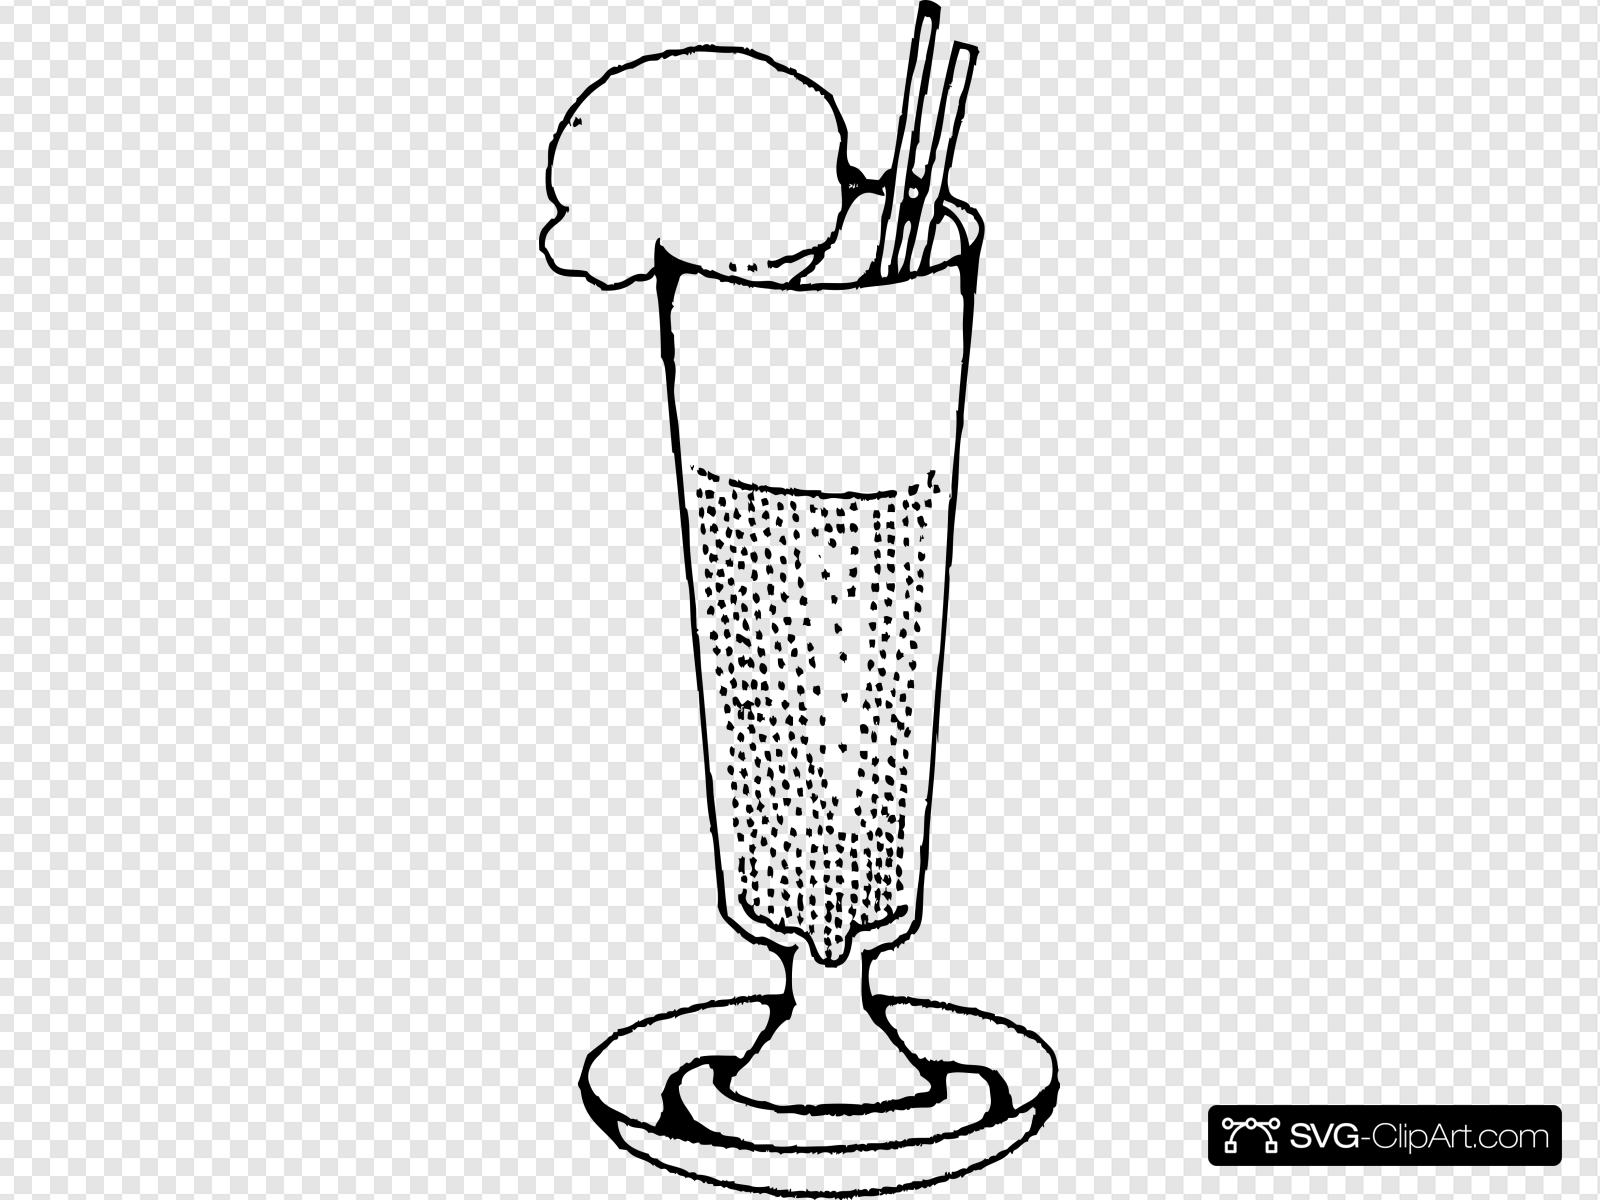 Ice Cream Soda Clip art, Icon and SVG.